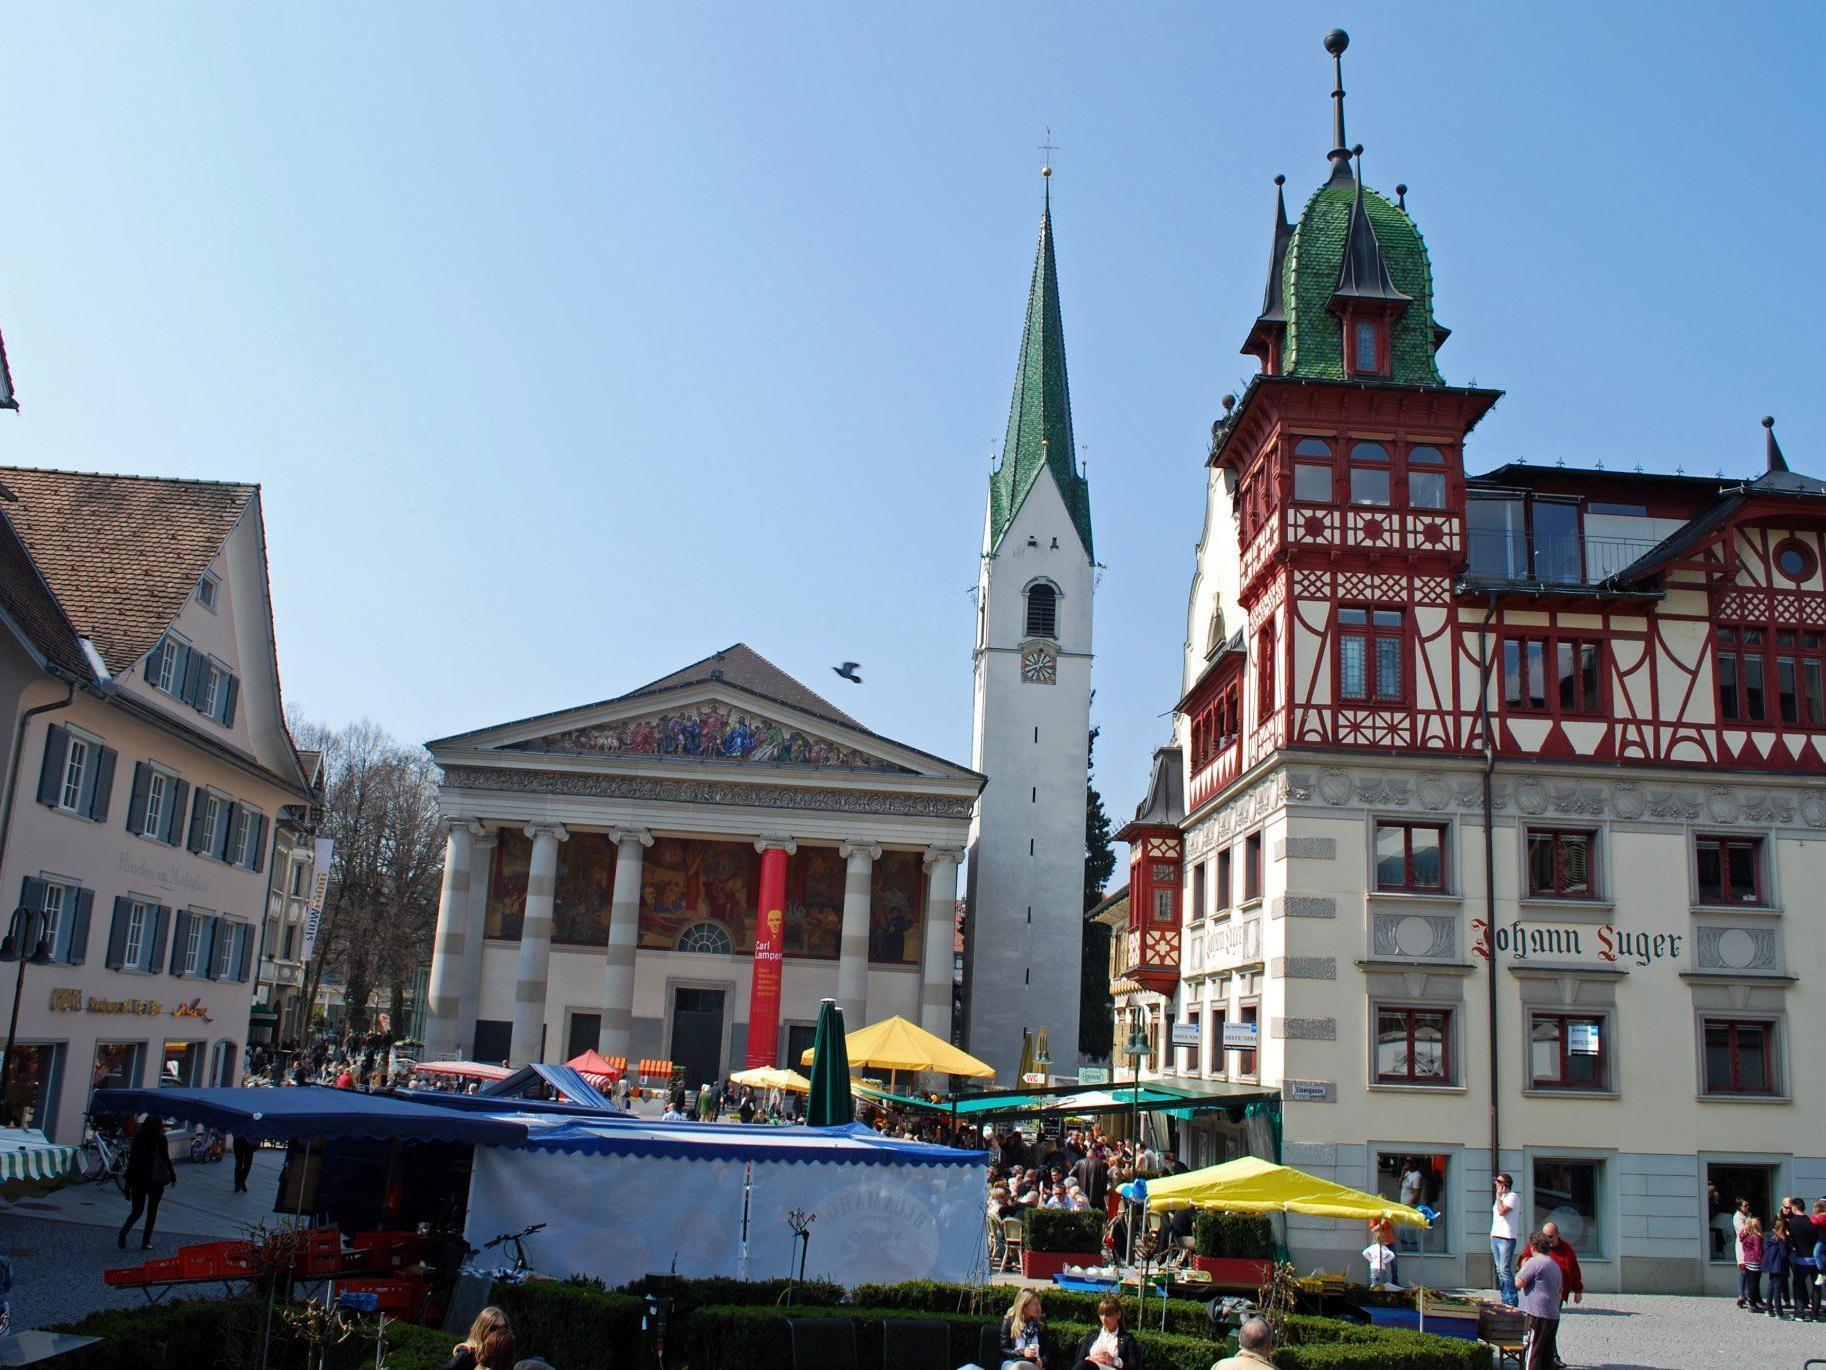 Der 62. Österreichische Städtetag findet vom 30. Mai bis 1. Juni 2012 in Dornbirn statt.